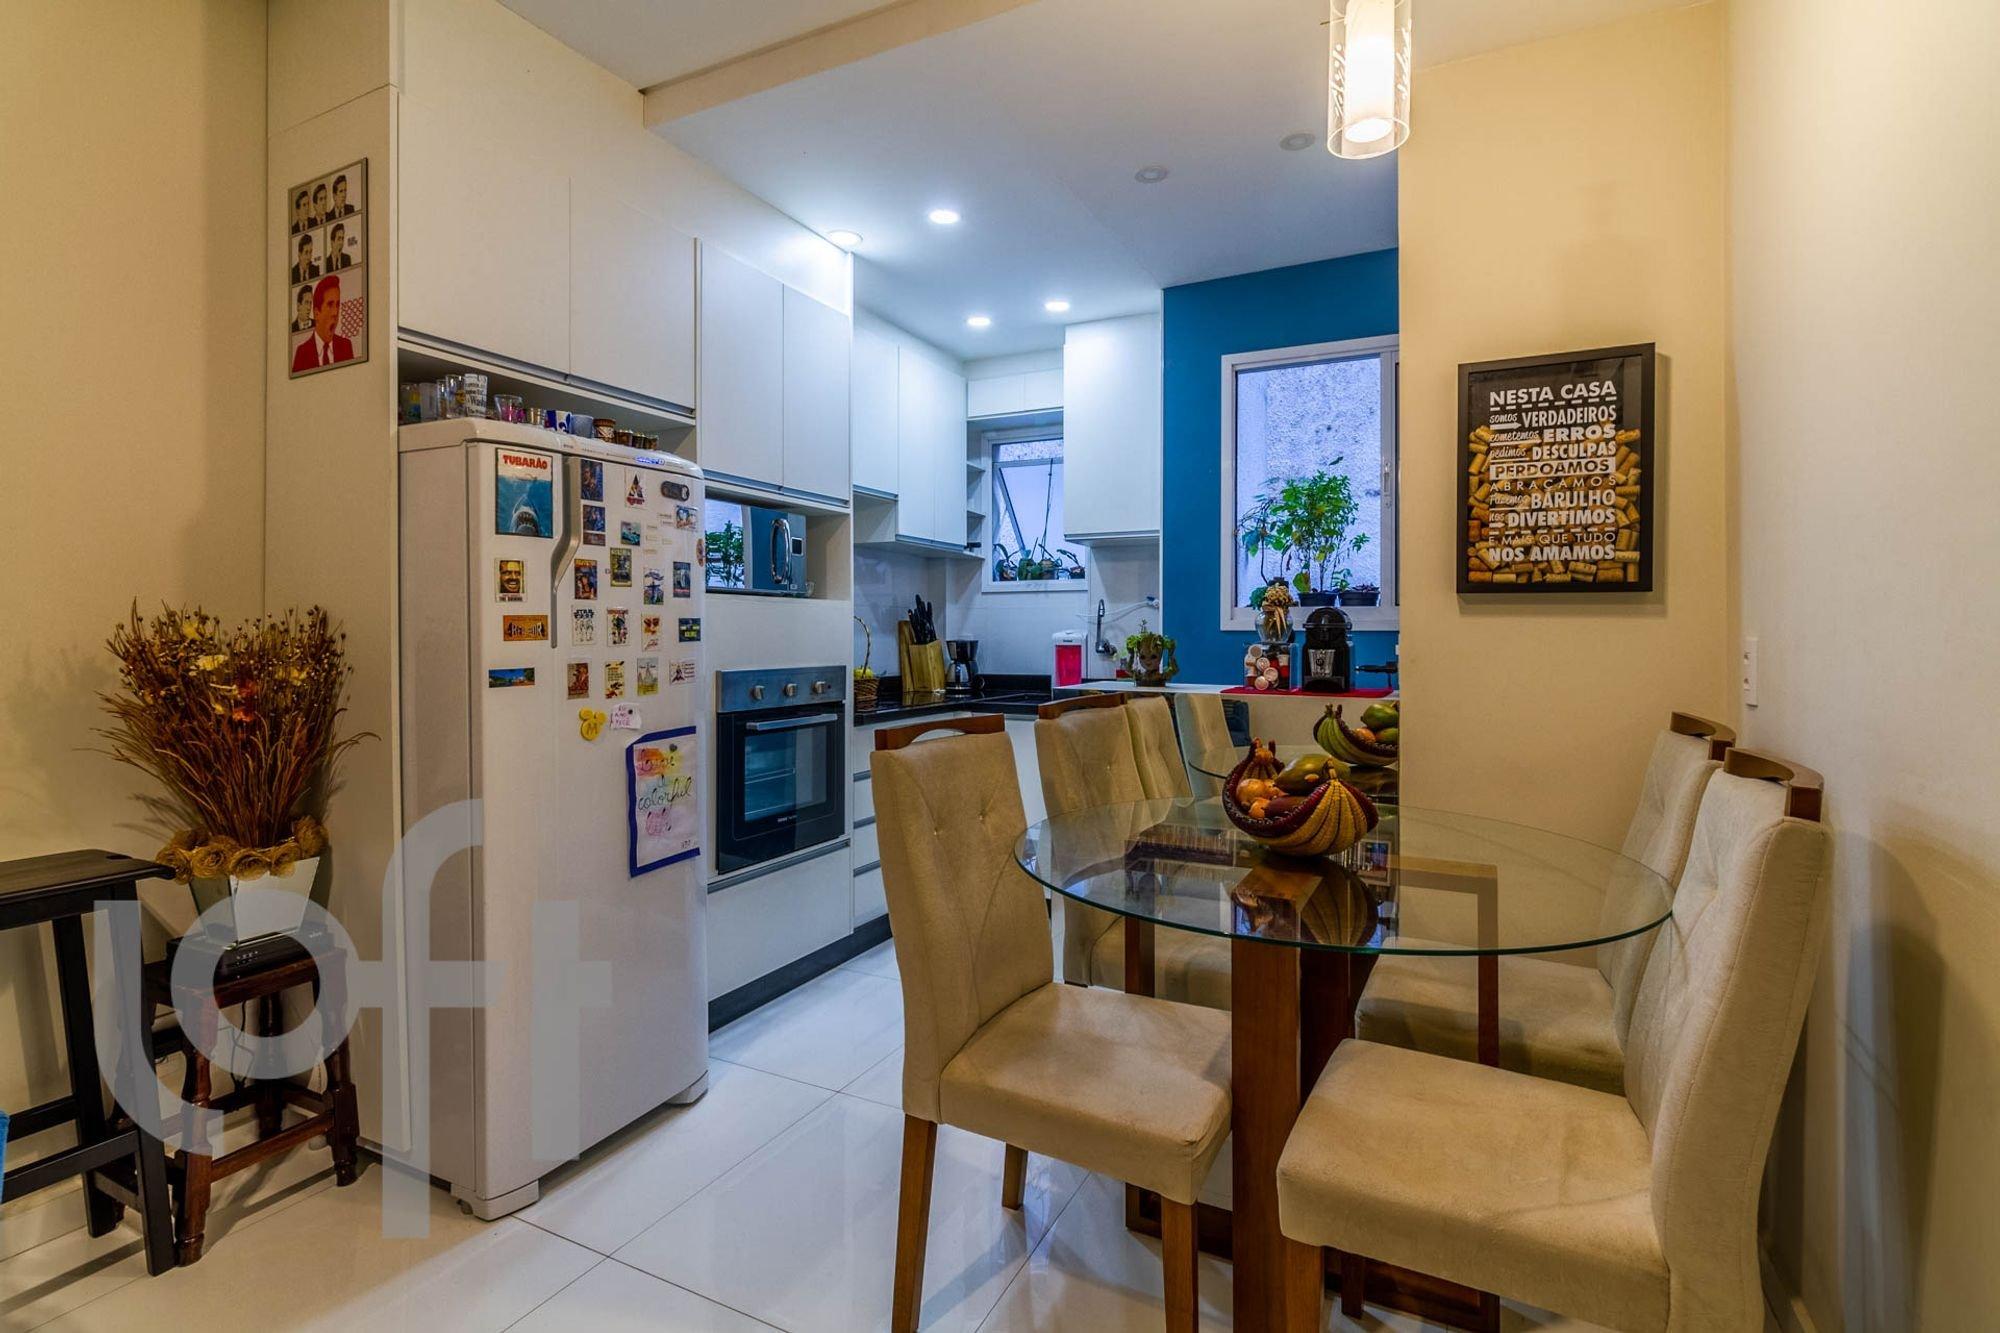 Foto de Sala com vaso de planta, televisão, forno, geladeira, cadeira